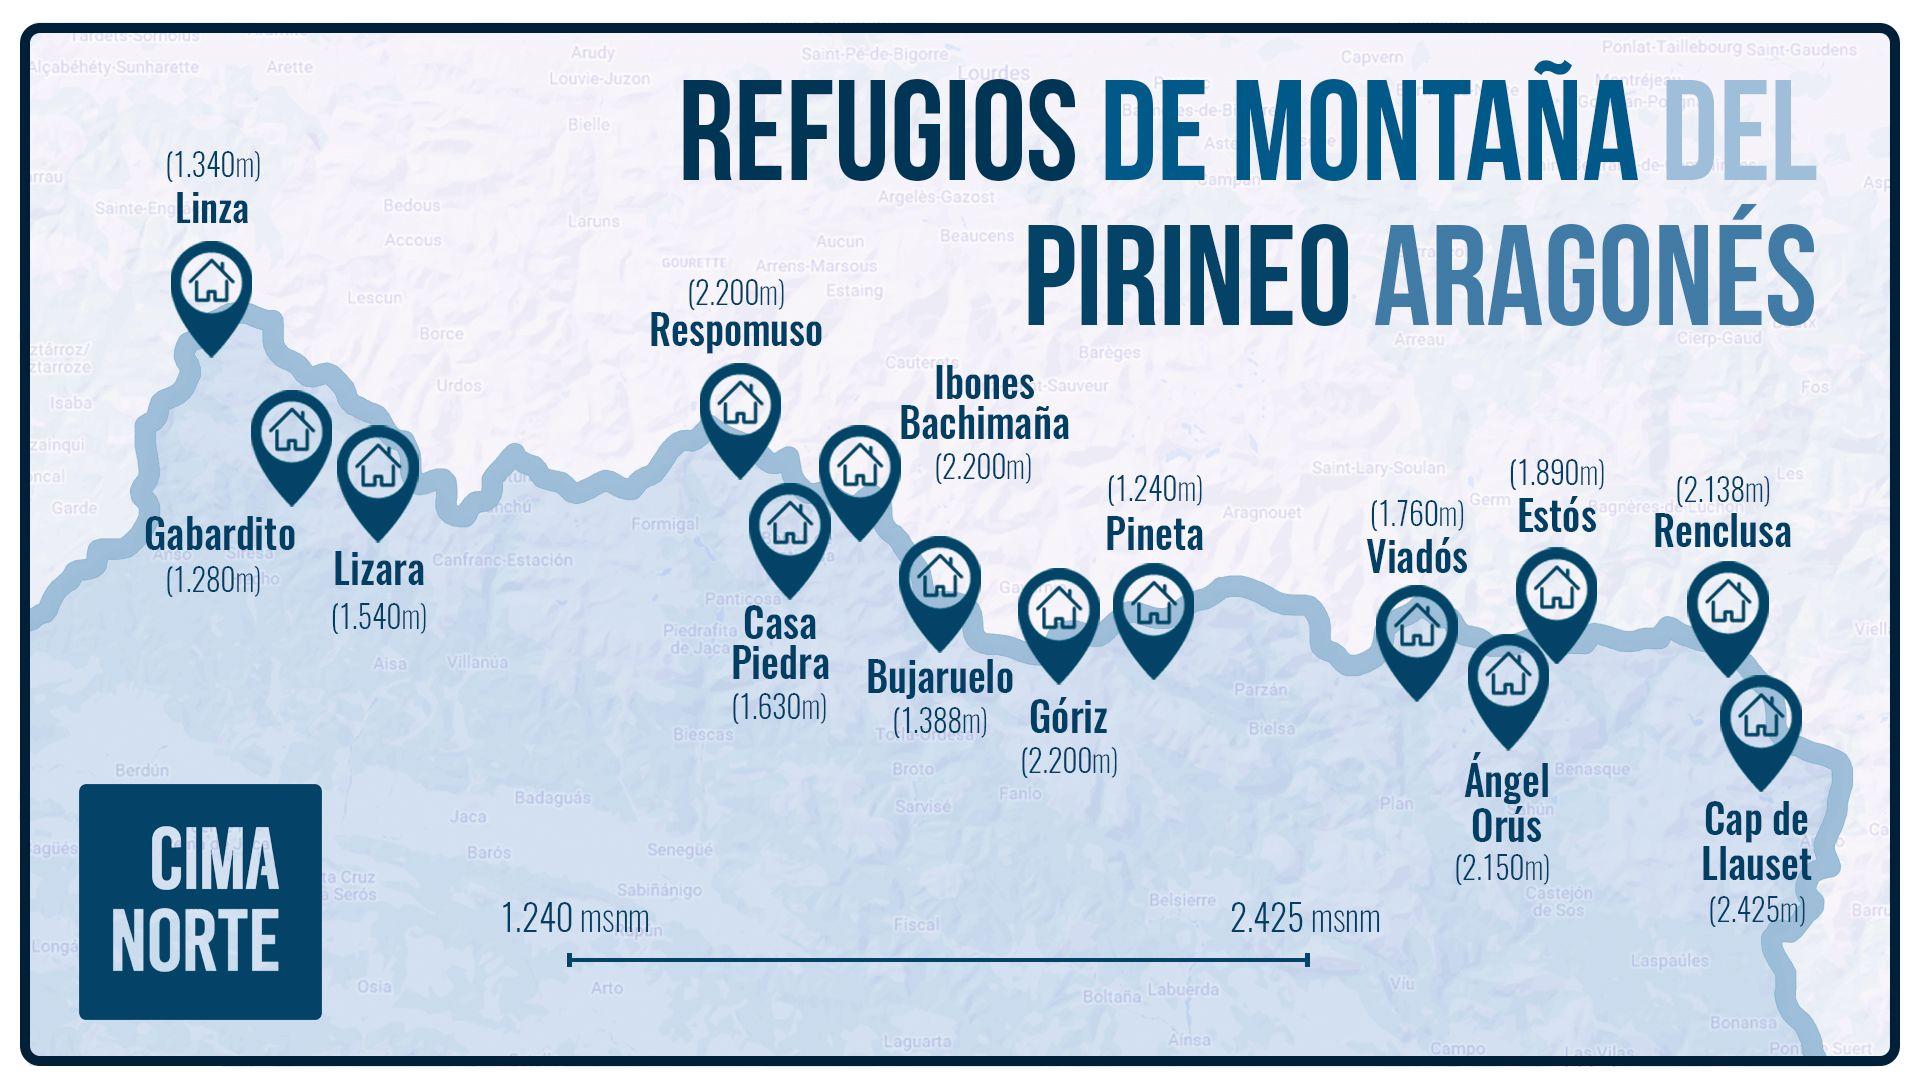 mapa refugios montaña pirineo aragones pirineos aragon infografia